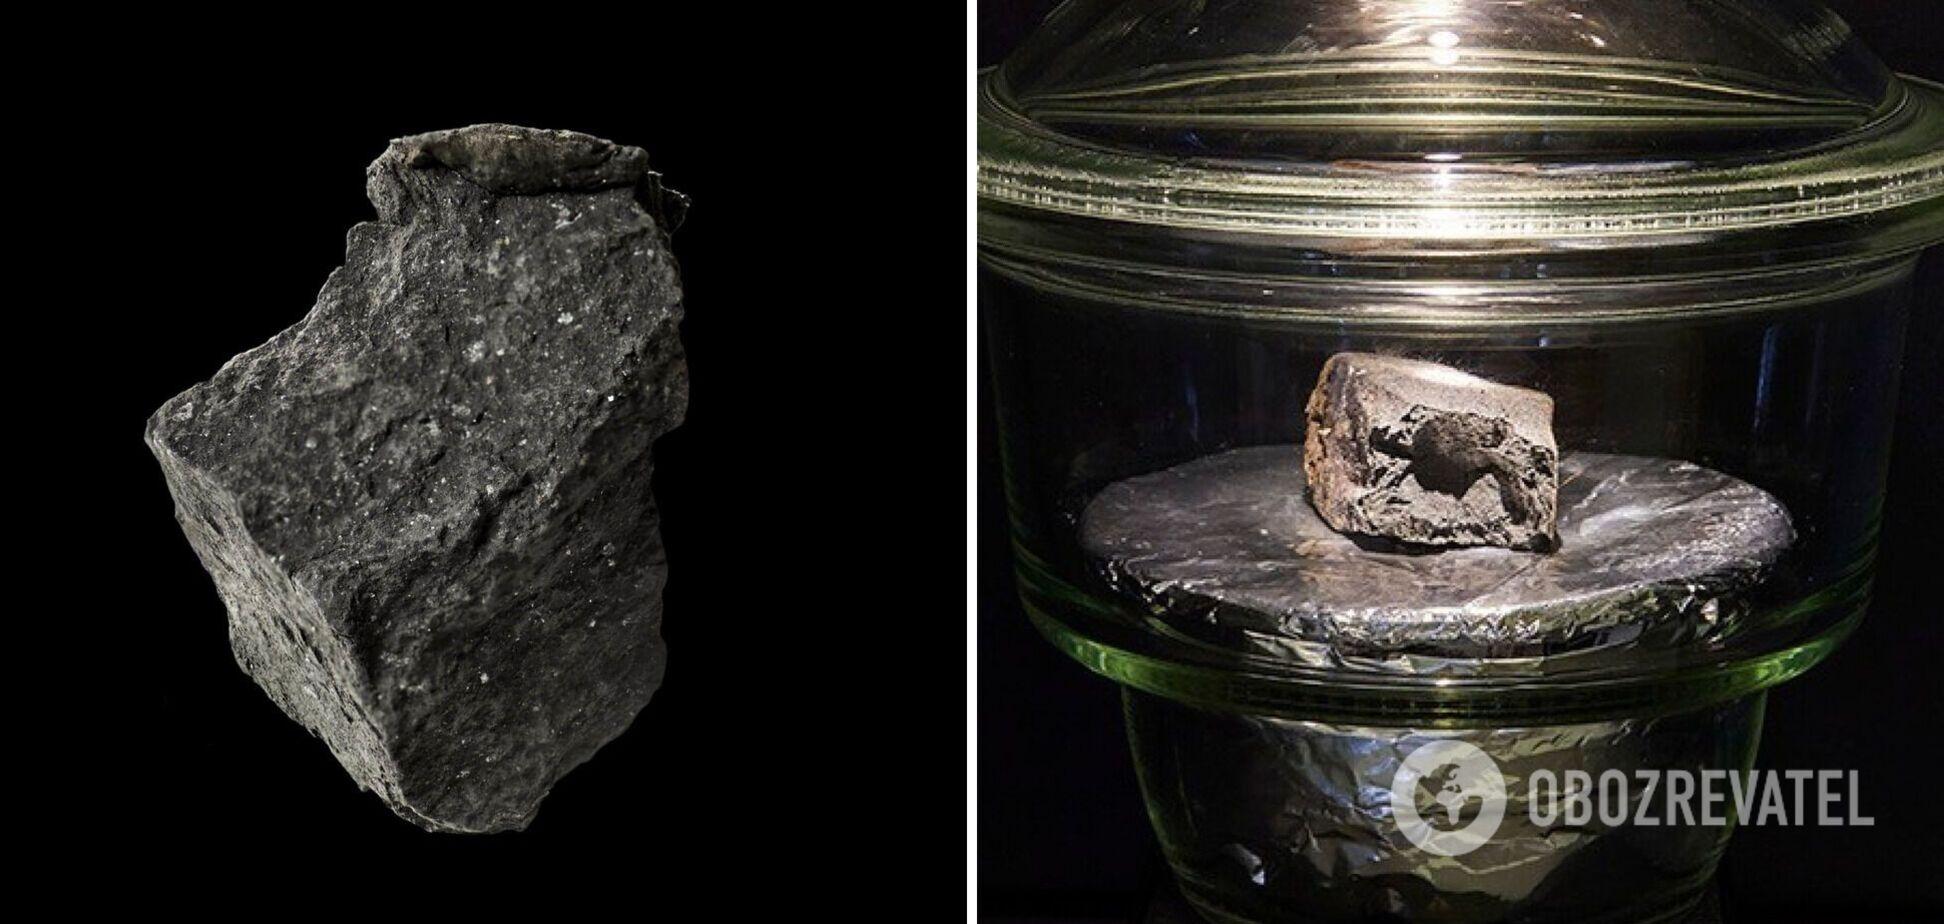 Найден метеорит, который может раскрыть тайну происхождения жизни на Земле